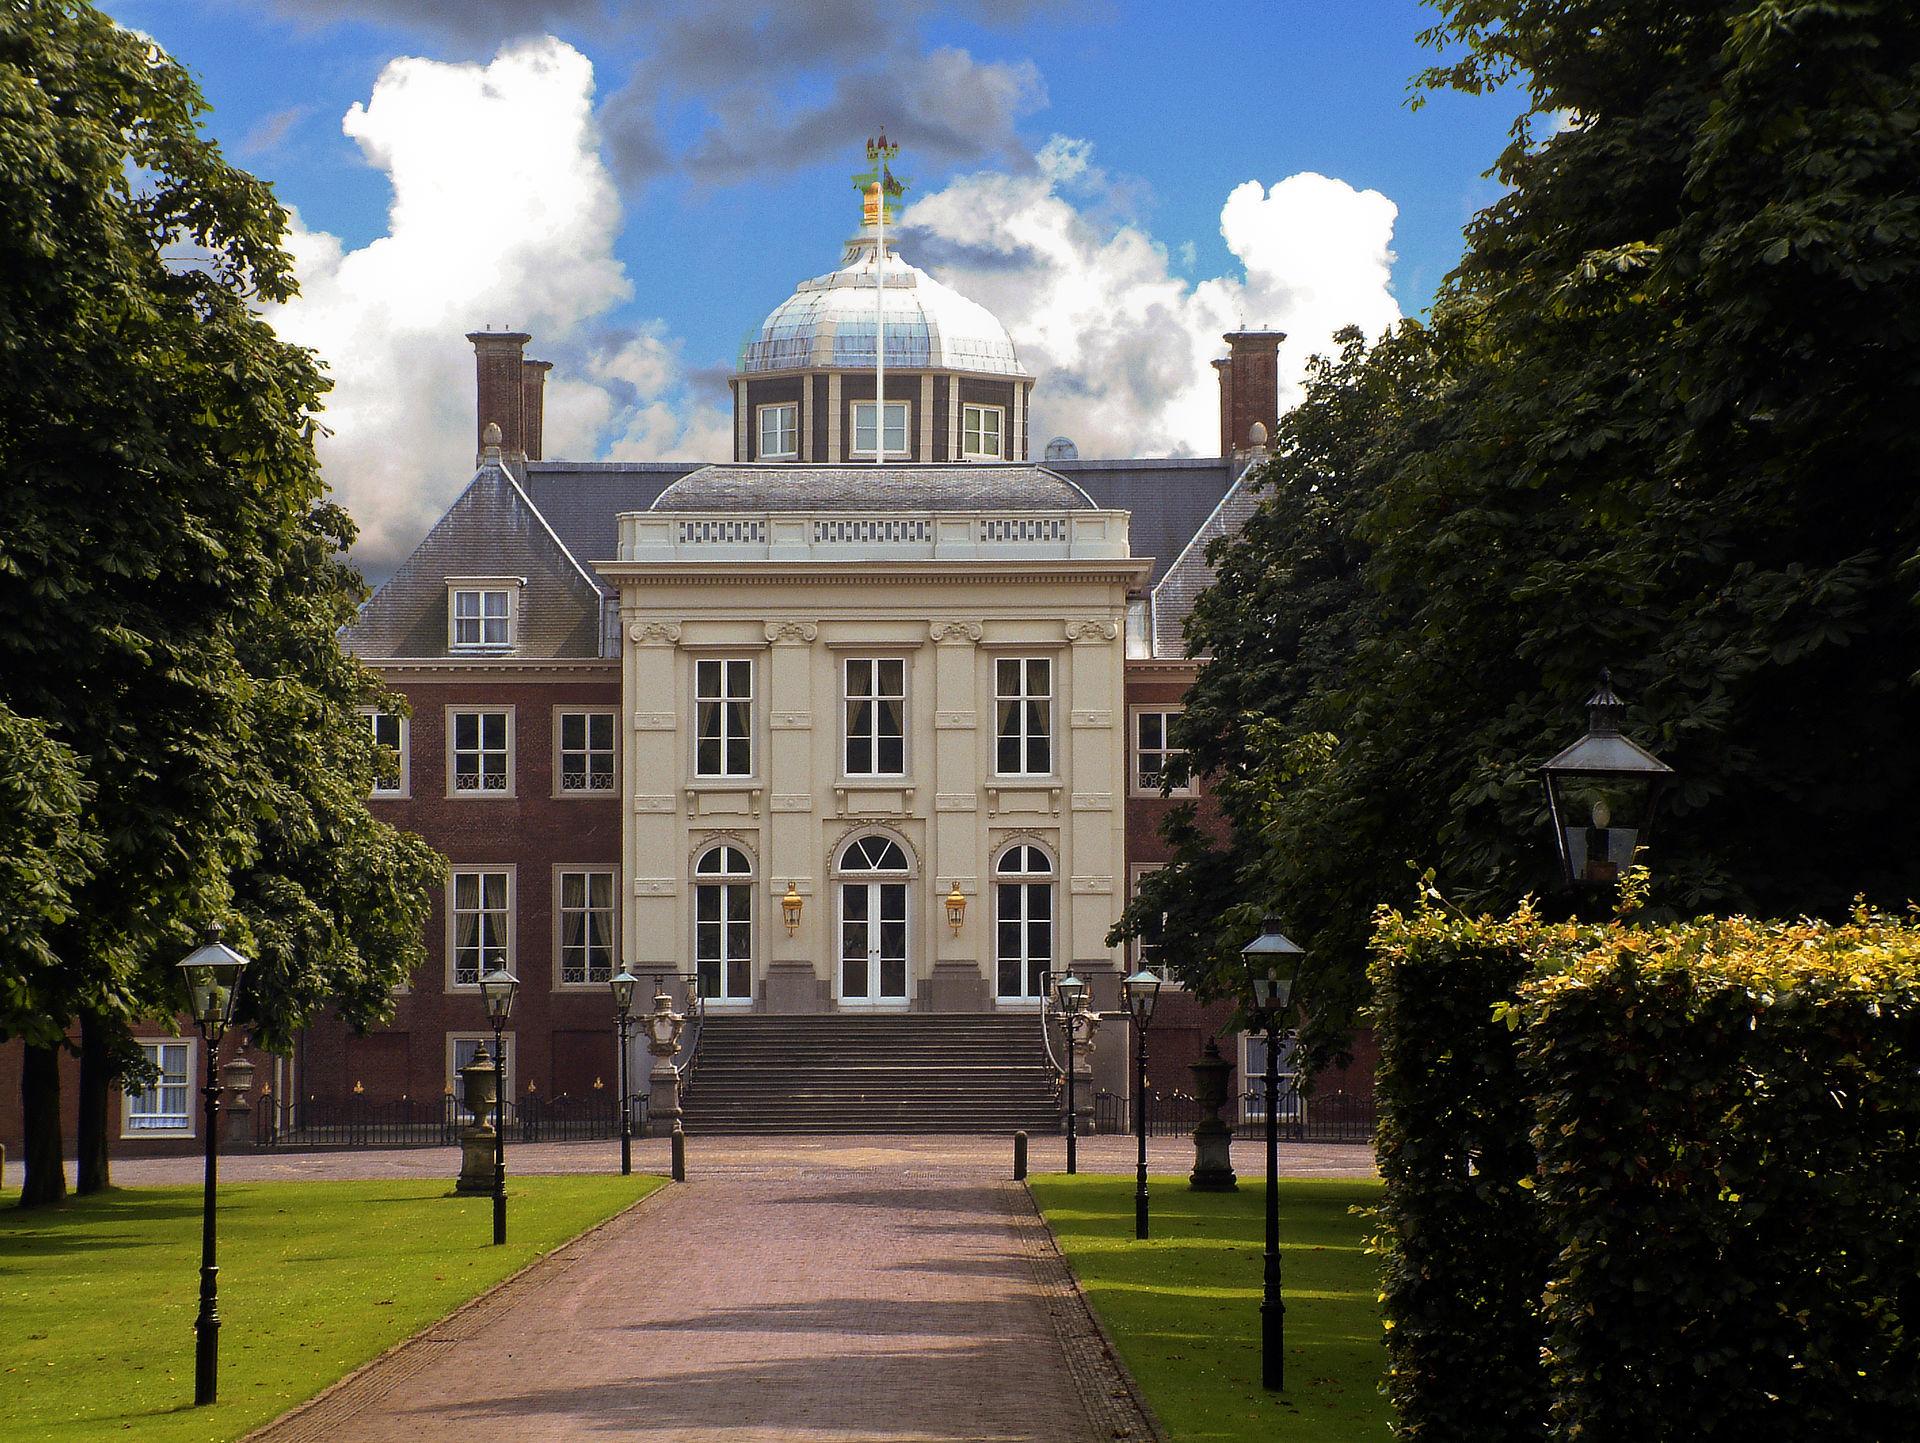 Bouwbedrijf van eesteren gevraagd voor renovatie paleis huis ten bosch de erfgoedstem - Huis renovatie ...